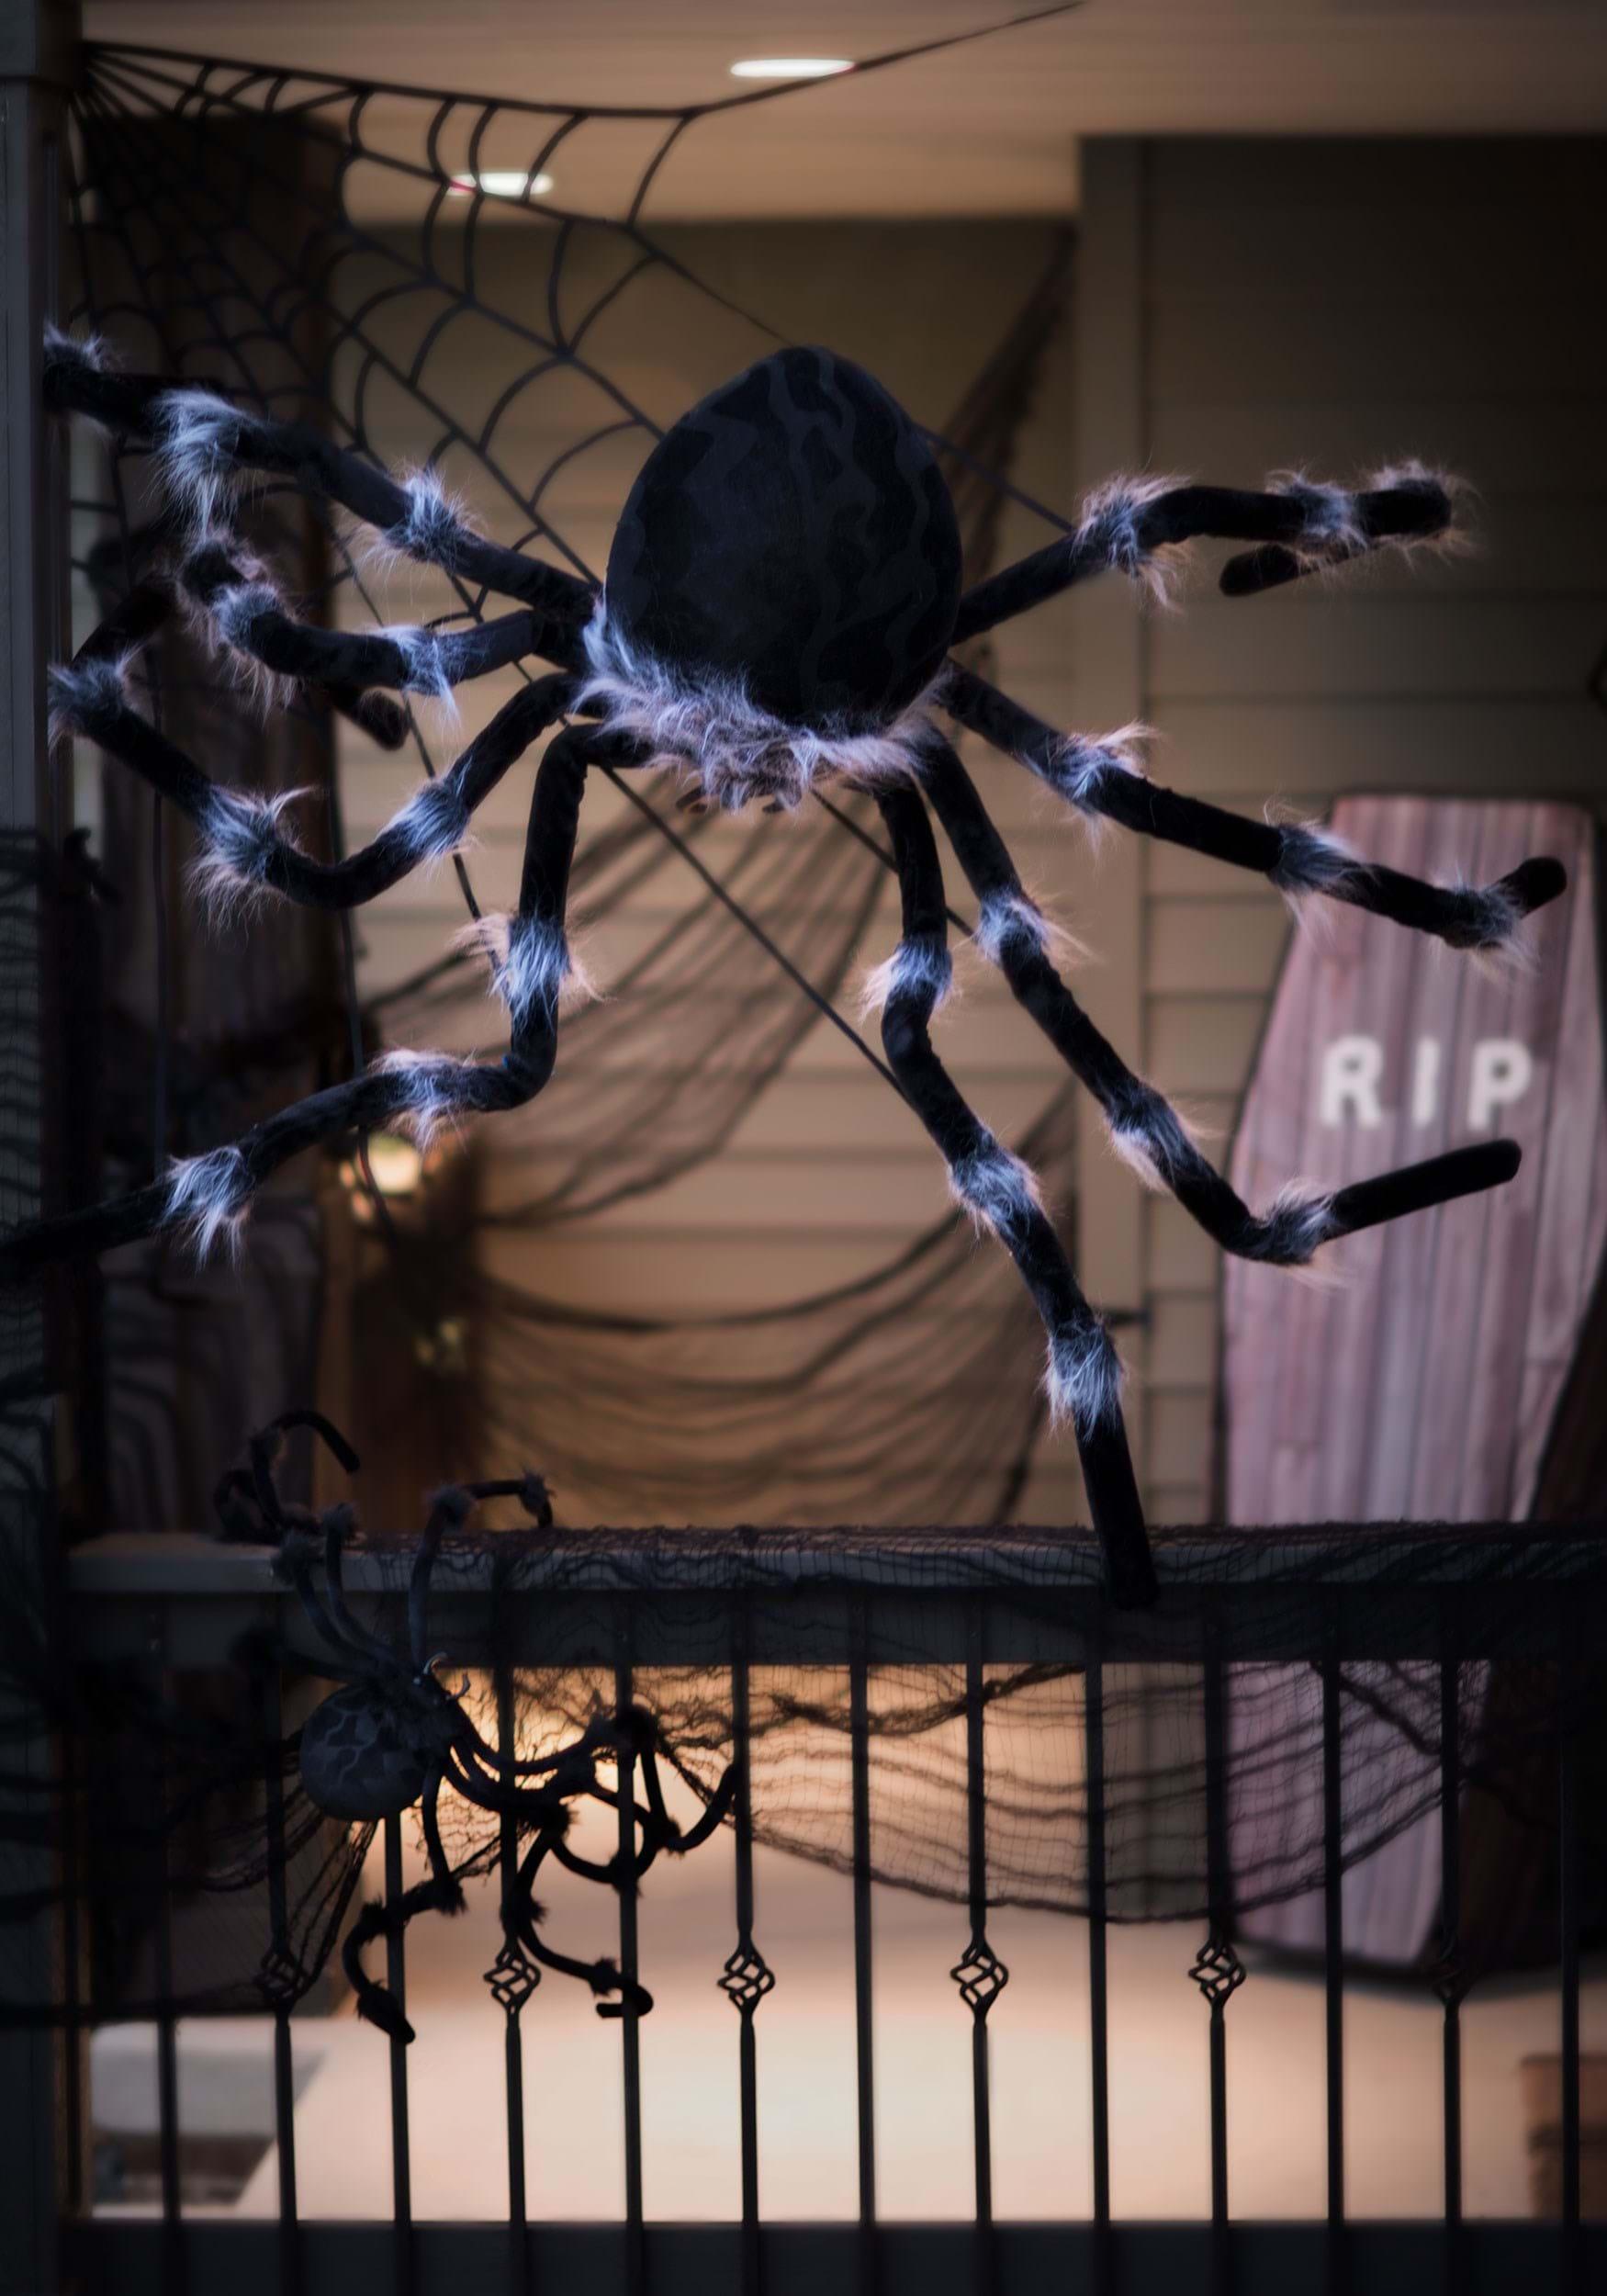 Halloween spider web decoration - Black 50 Inch Posable Spider